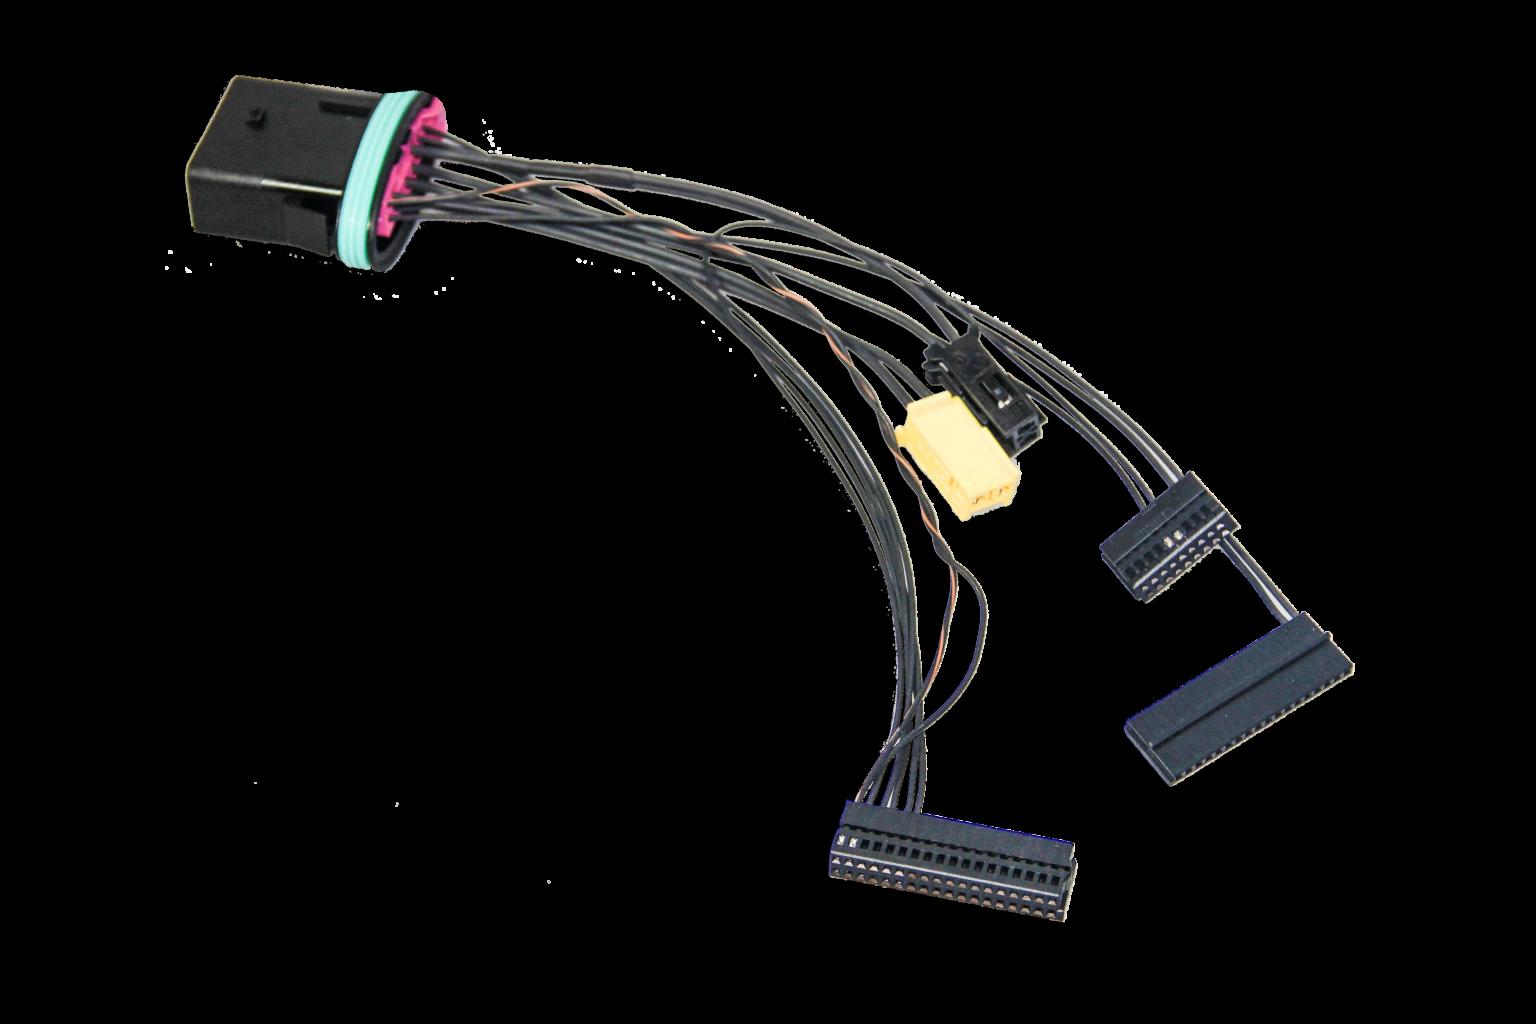 koncovky, kabelové svazky